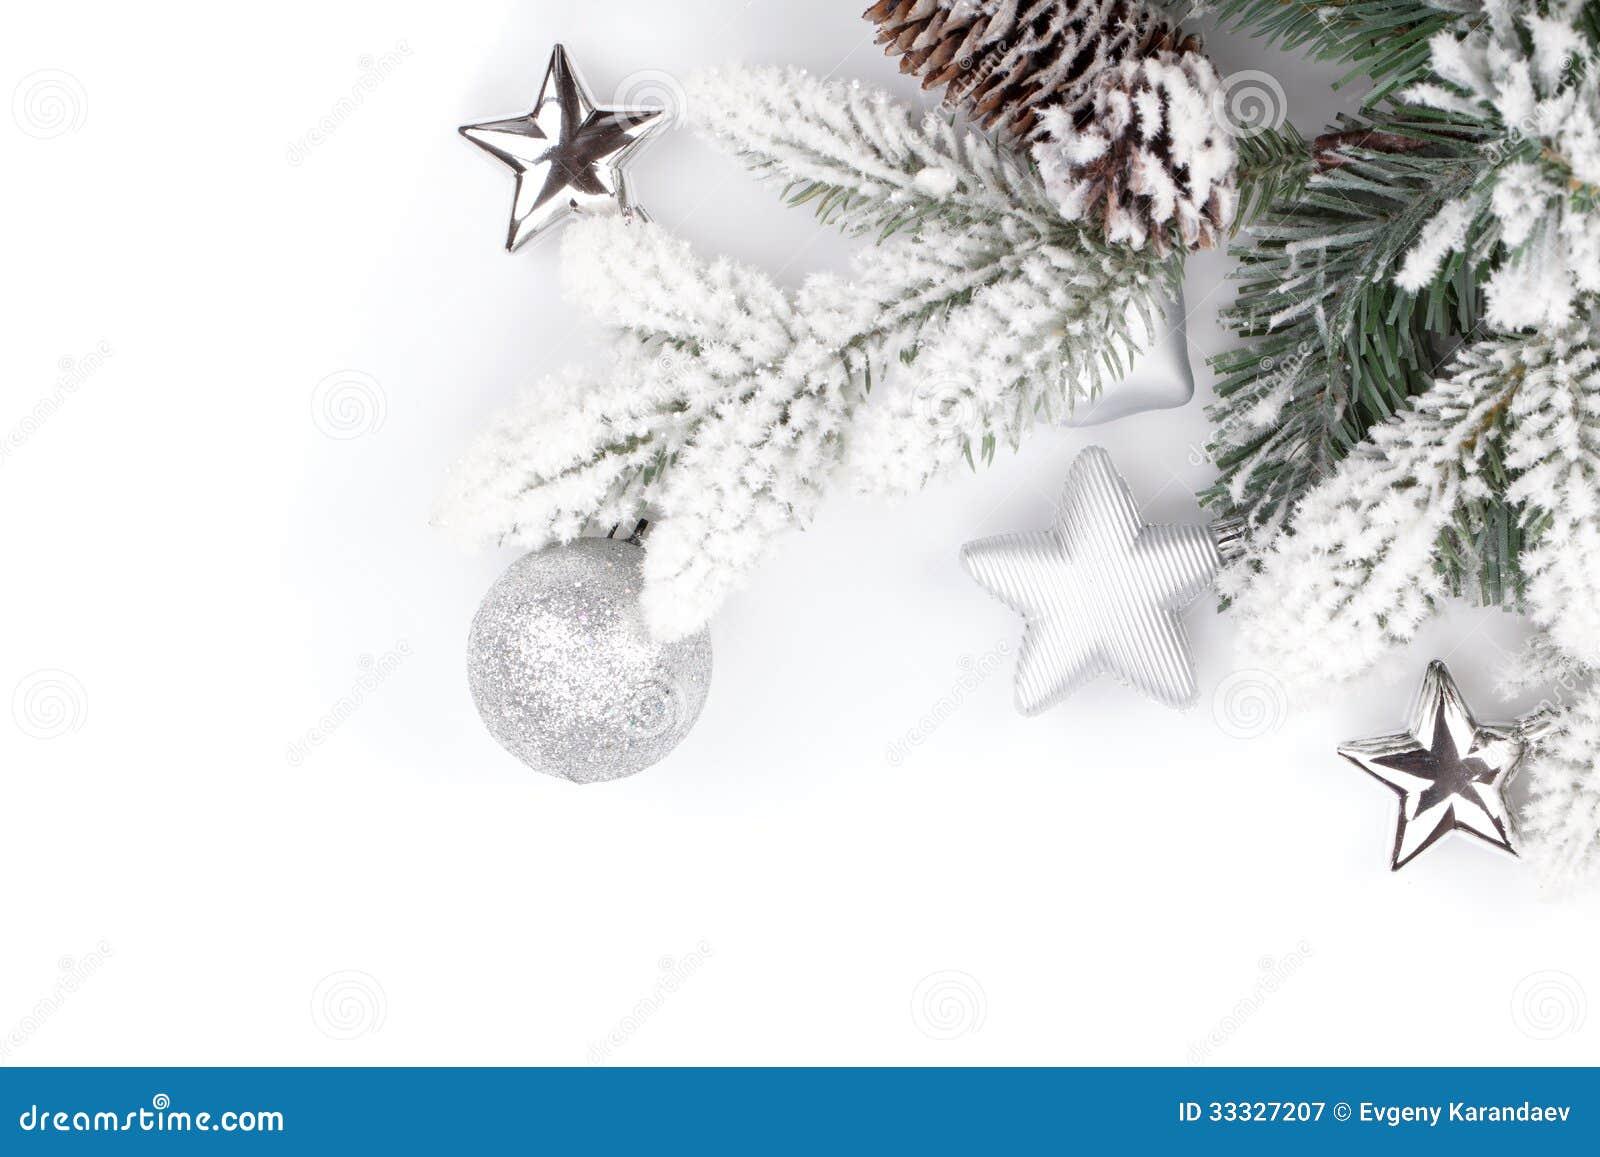 Tannenbaumast Mit Dem Weihnachtsdekor Bedeckt Mit Schnee Stockbild ...